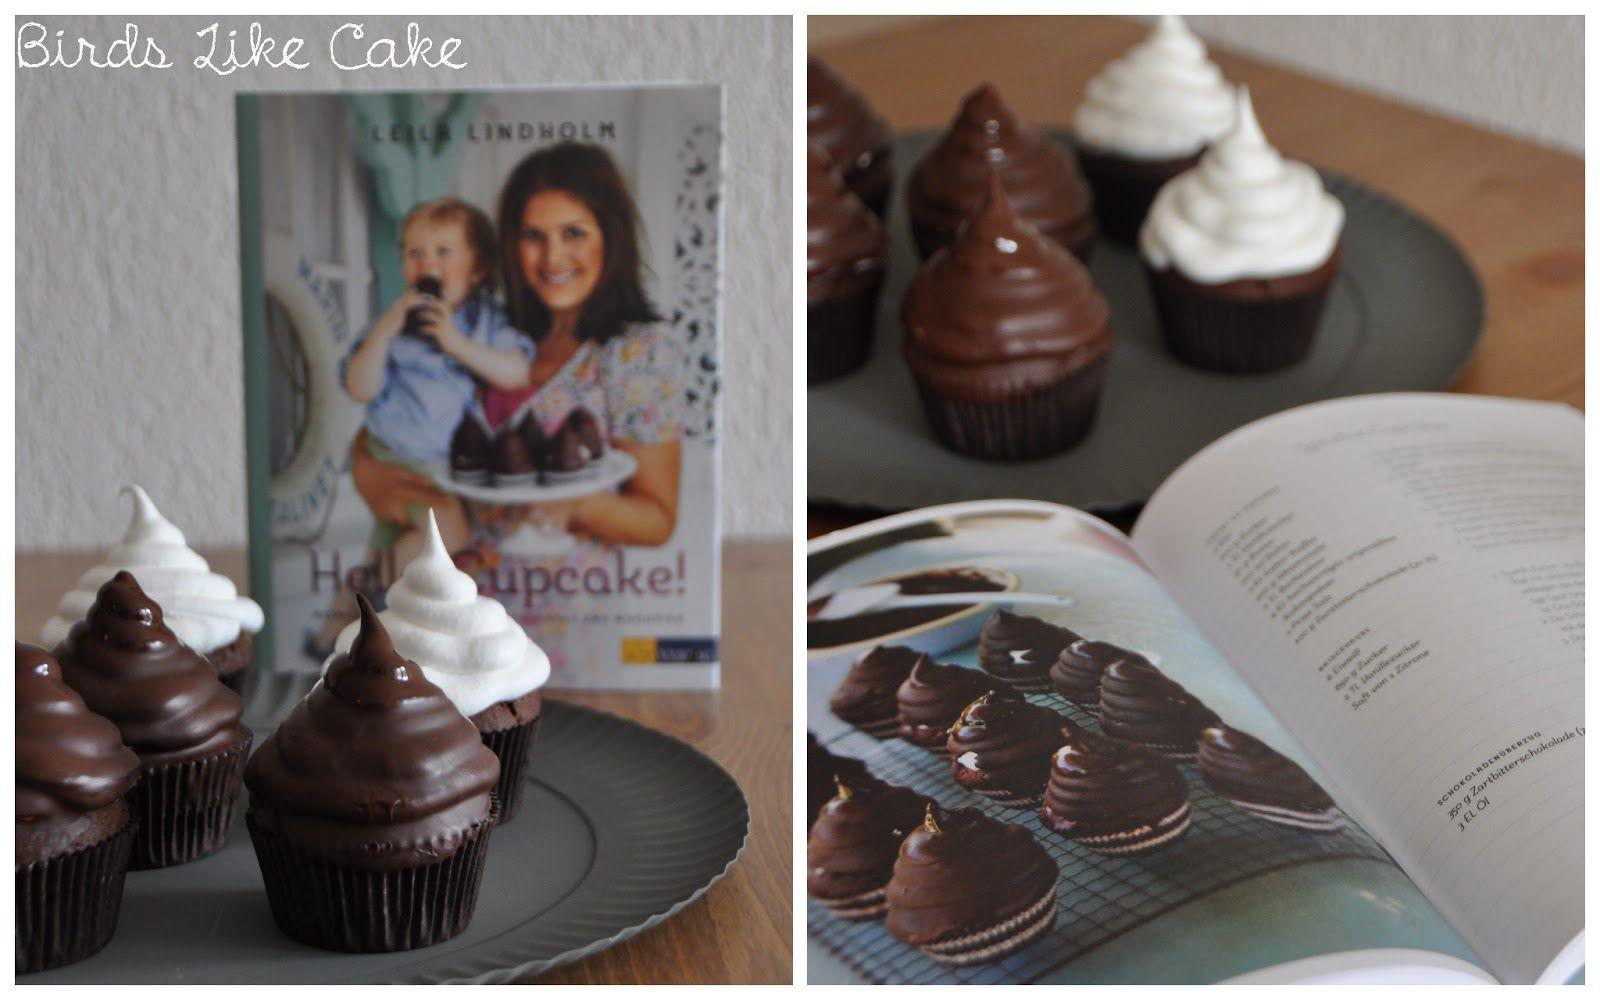 """Spitzhut-Cupcakes von """"Birds Like Cake"""" und Leila Lindholm"""